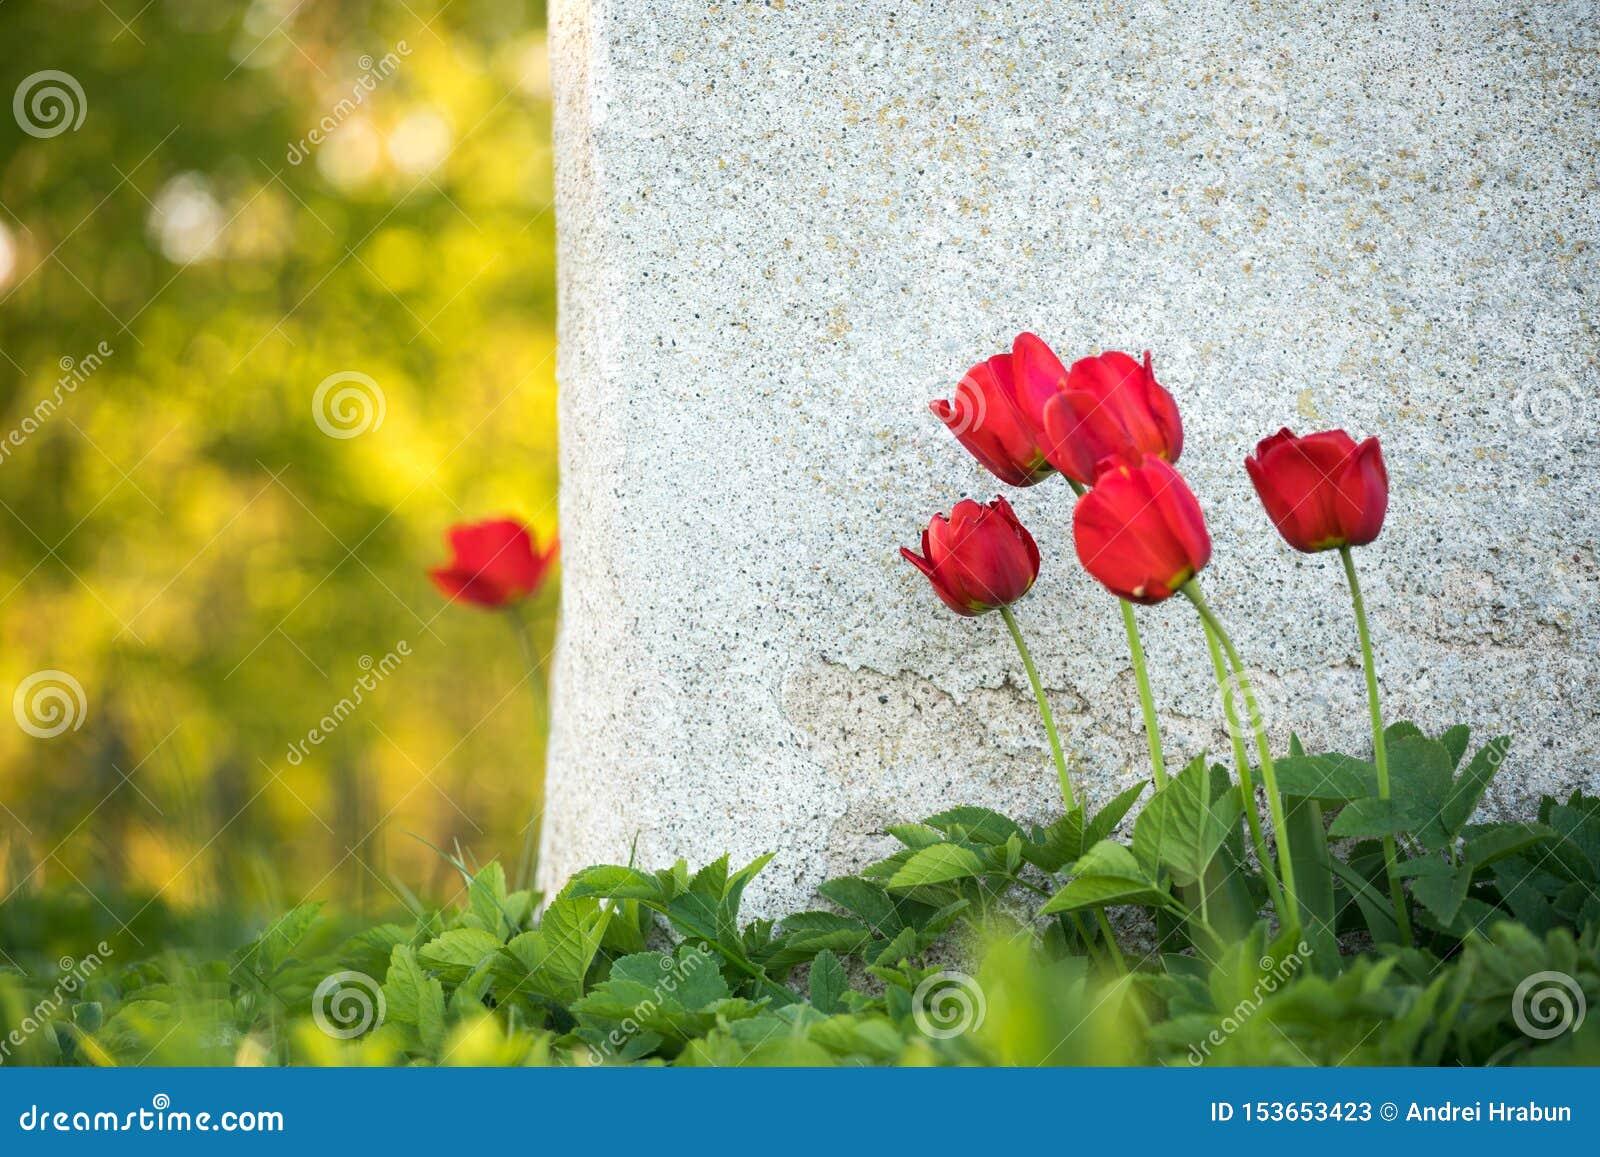 Samotny czerwony tulipan stoi samotnie za ścianą z zieloną trawą